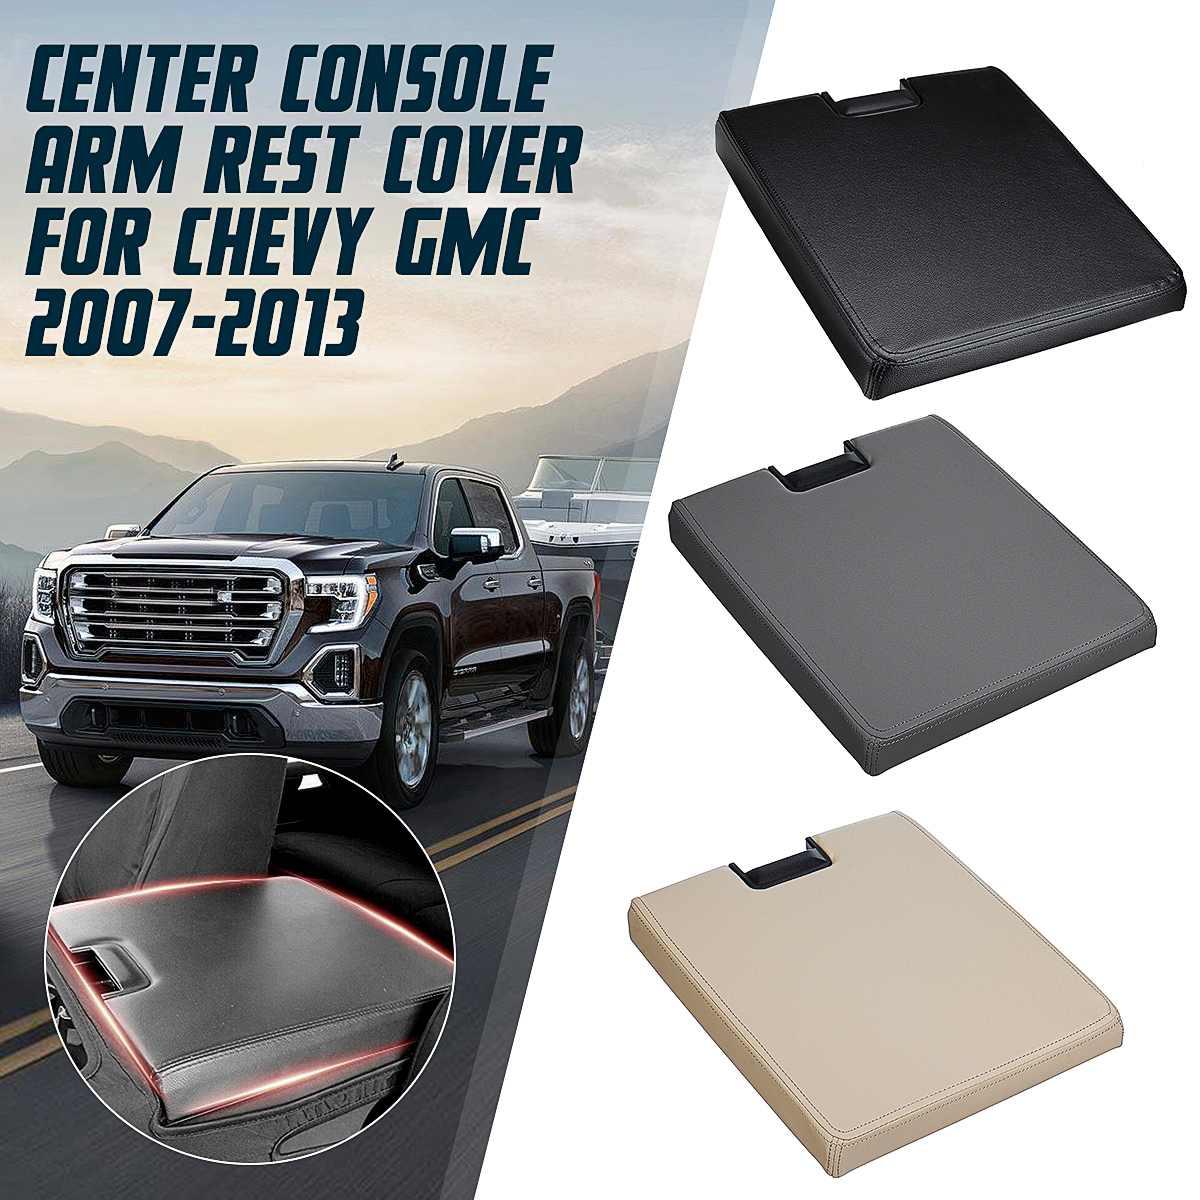 Couvercle d'accoudoir de voiture couvercle de Console centrale accessoires Auto pour Chevy Avalanche banlieue/GMC Yukon XL 2007-2013